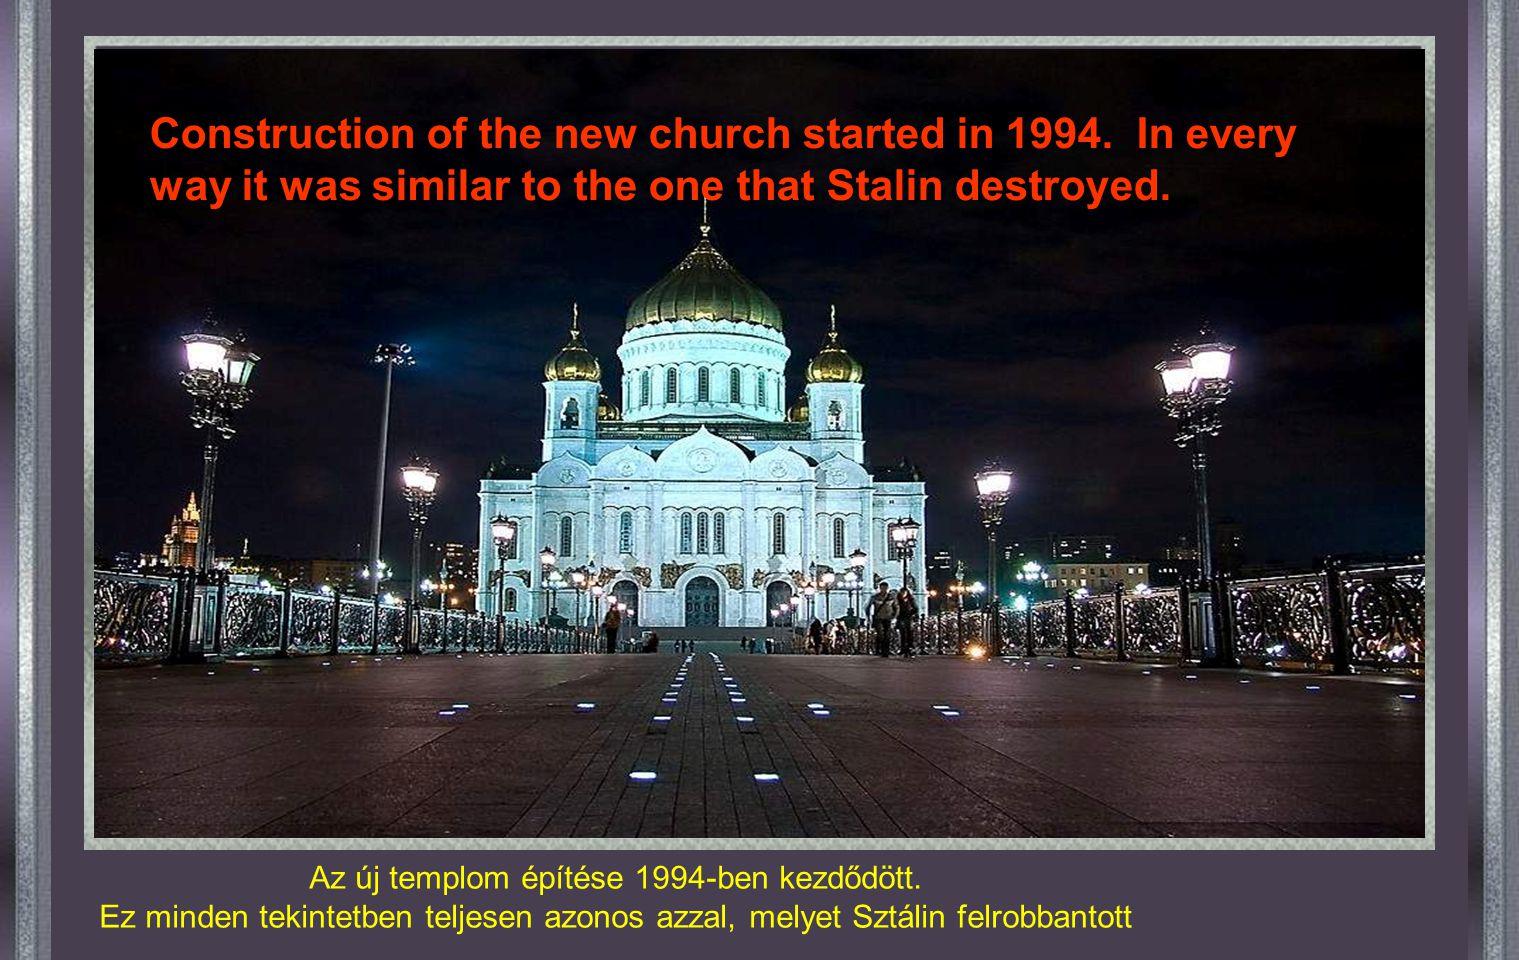 Az új templom építése 1994-ben kezdődött.